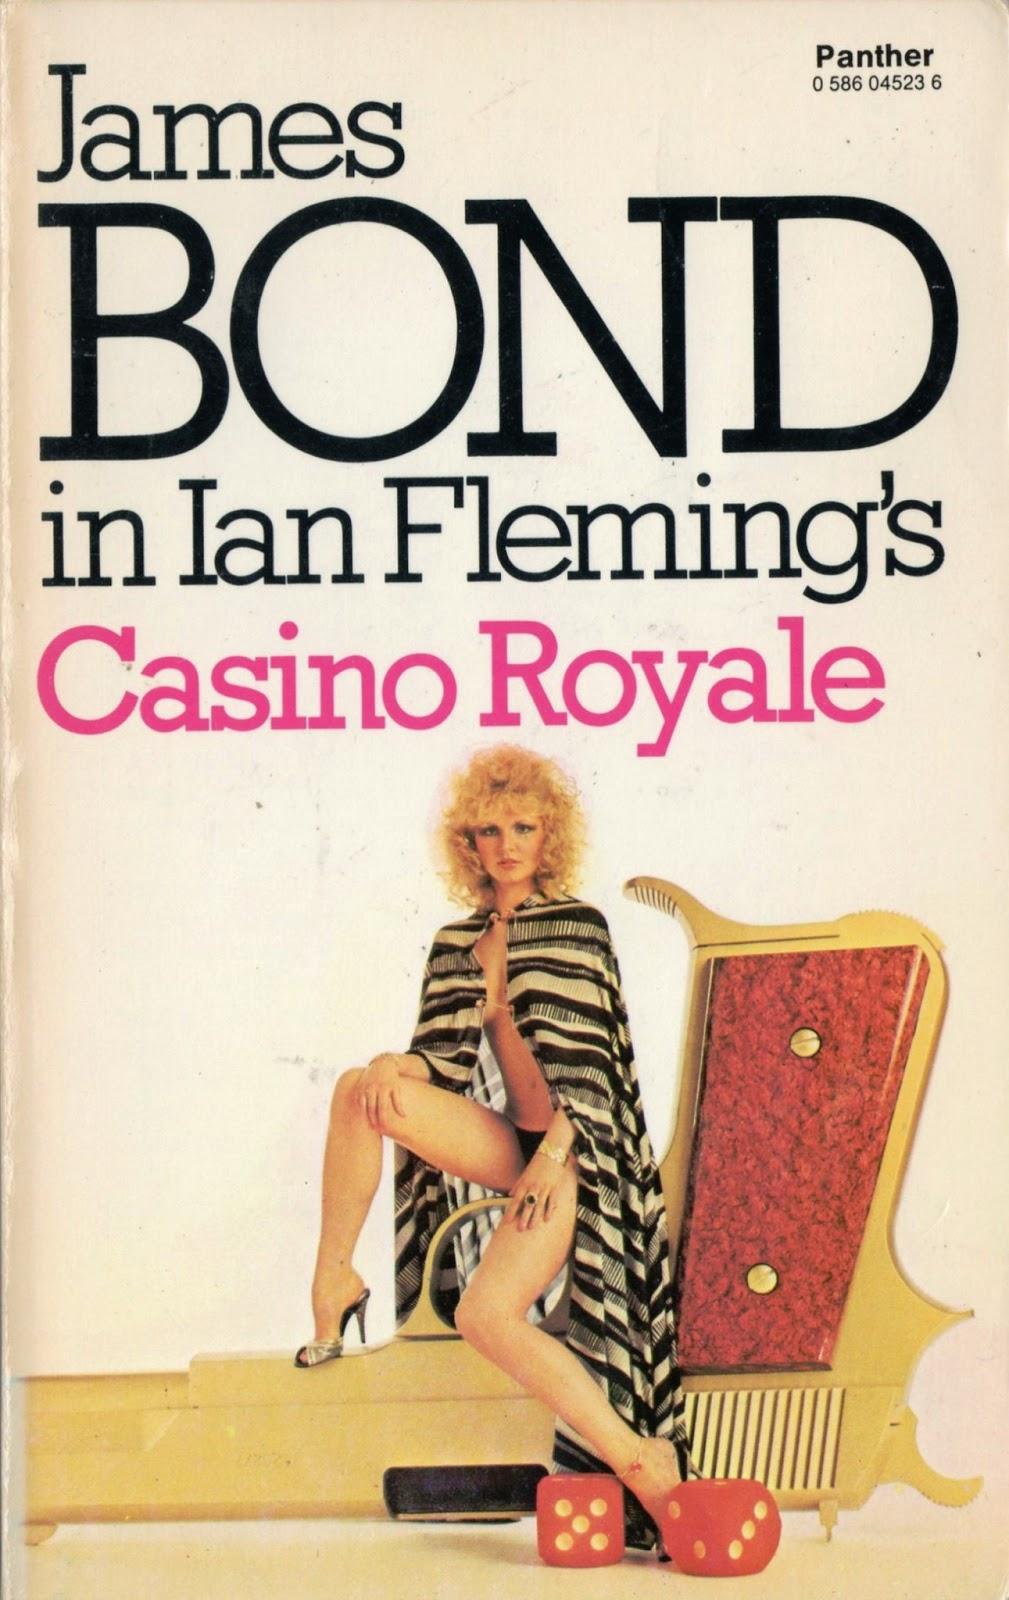 Джеймс бонд casino royale сюжет фильма книга hard rock casino игра скачать